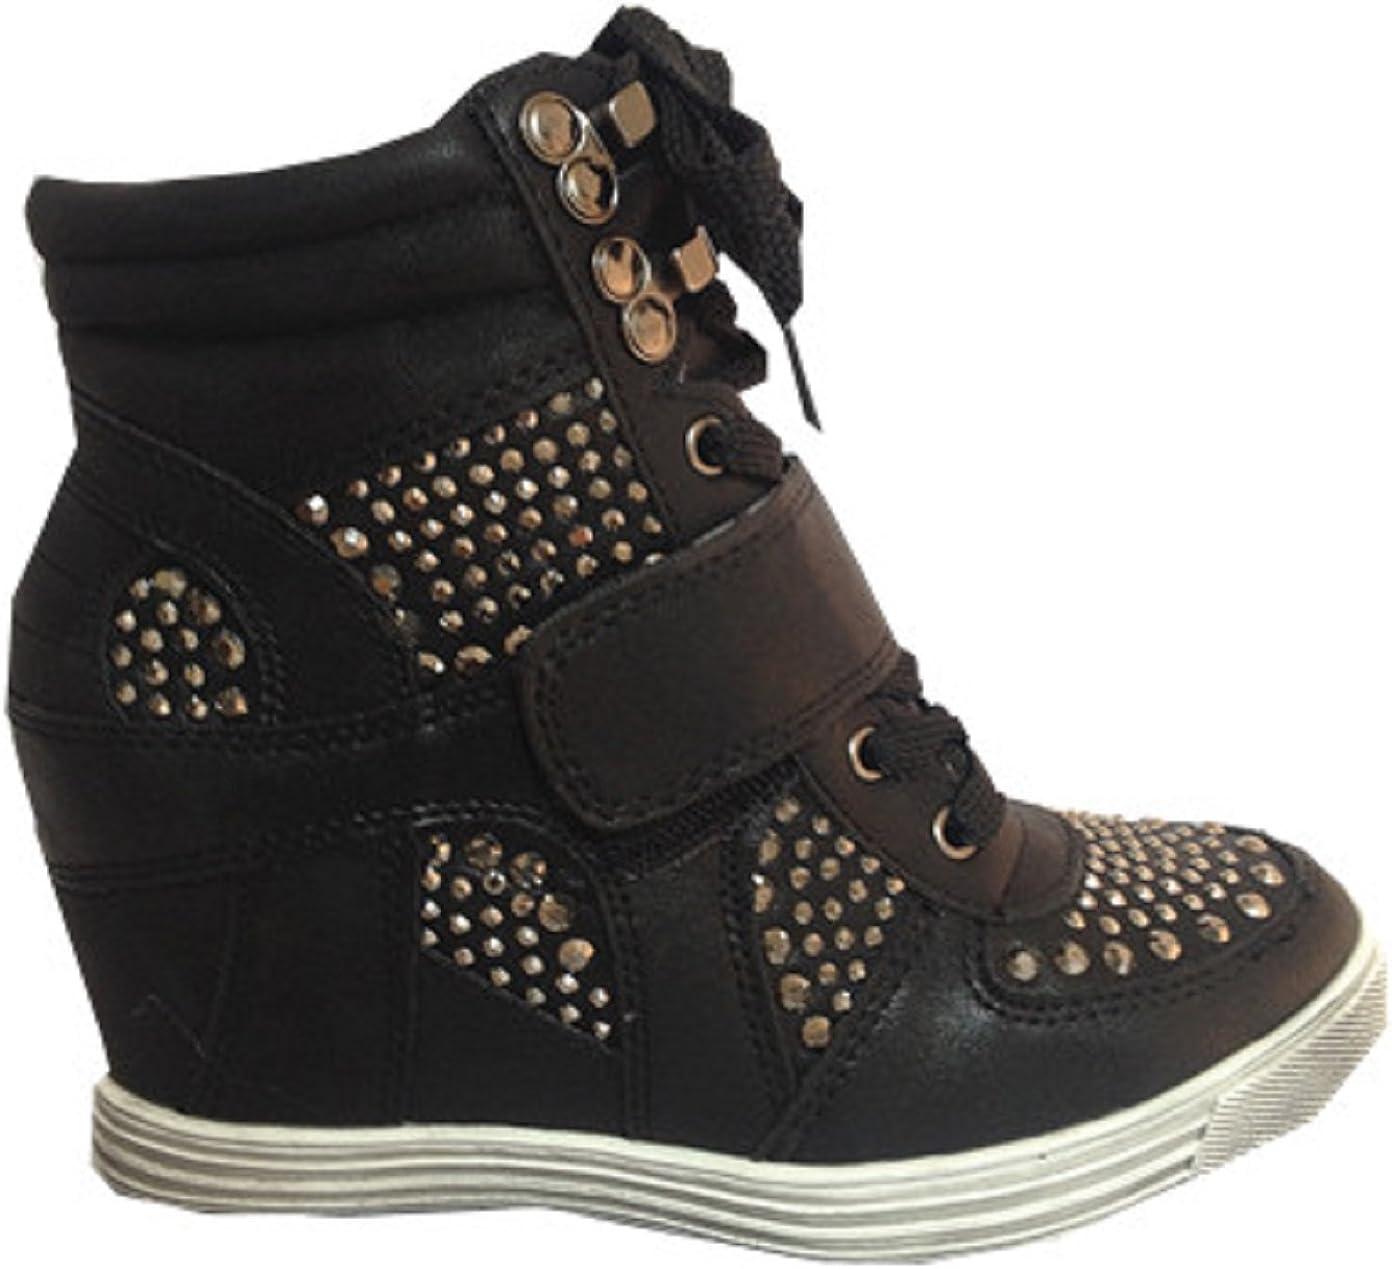 fashionfolie Baskets compensées Montante Talon Chaussures Femme Fille Lacet Noir 12